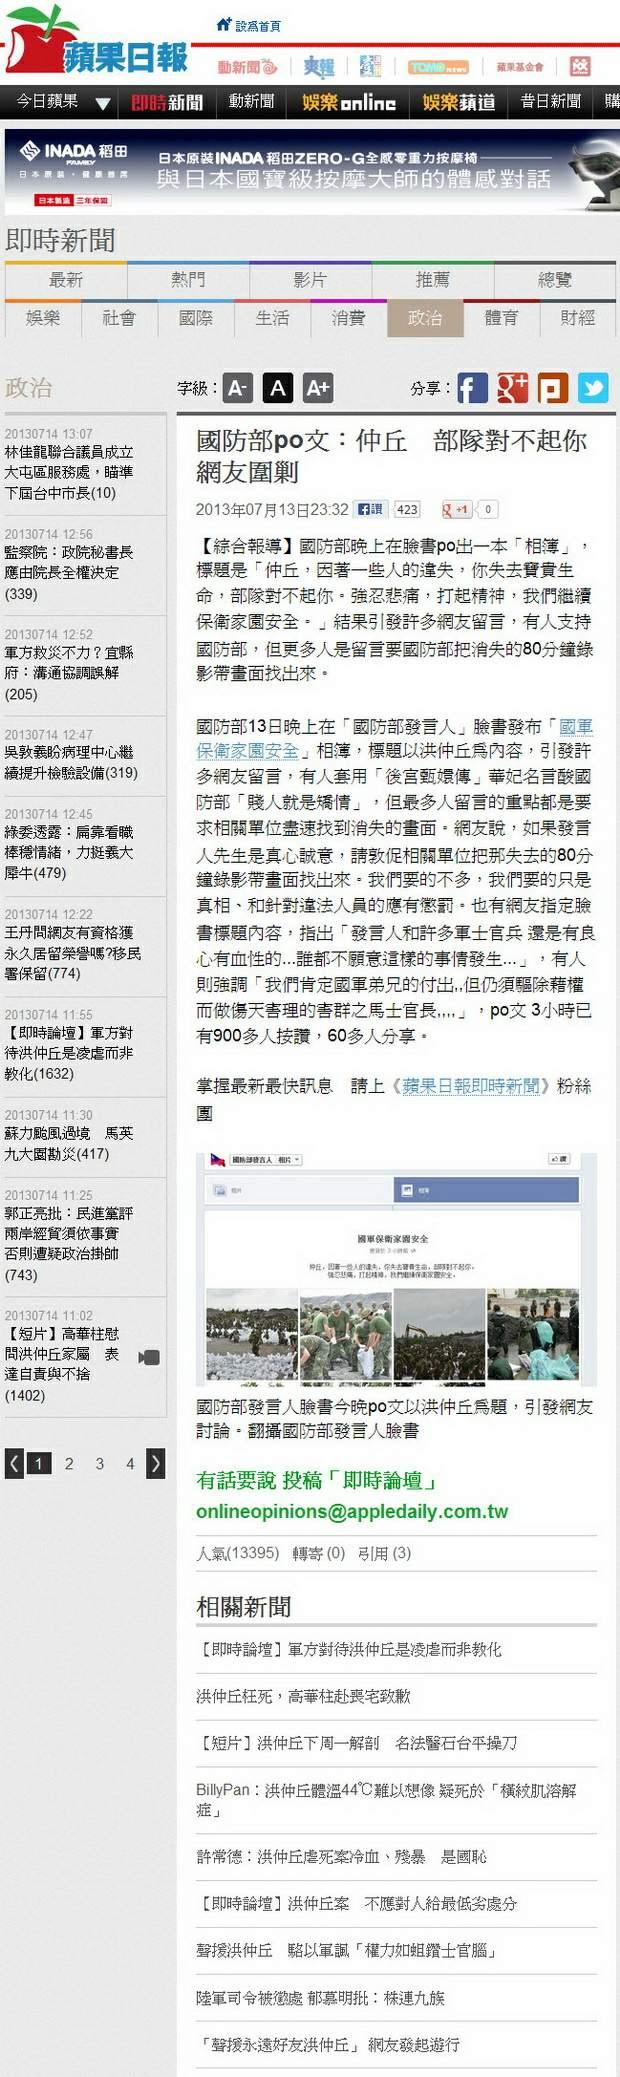 國防部po文:仲丘 部隊對不起你 網友圍剿-2013.07.14-01.jpg